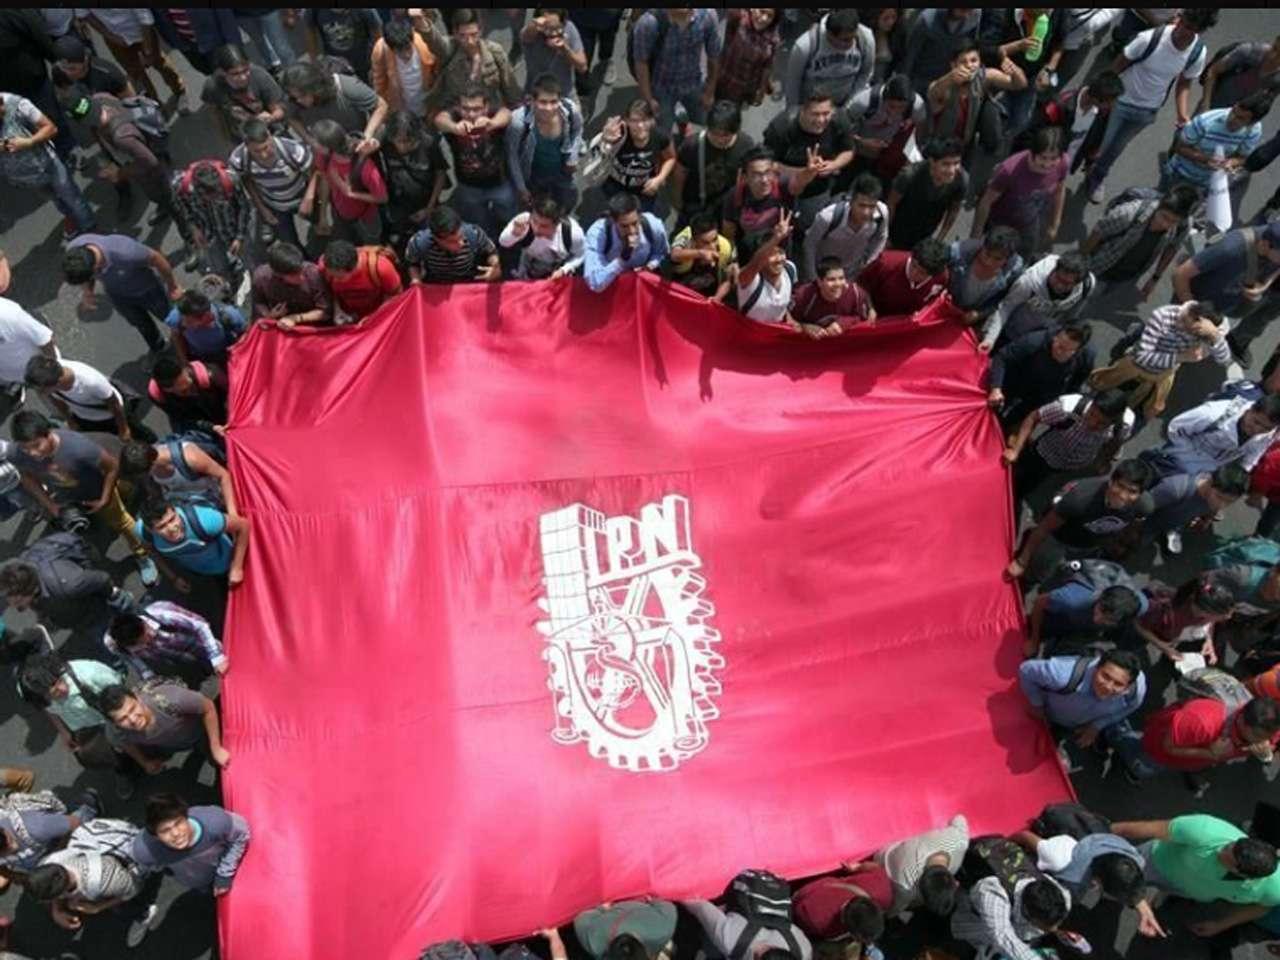 Los estudiantes marcharon el jueves pasado contra el nuevo reglamento interno Foto: Luis Castillo/Reforma